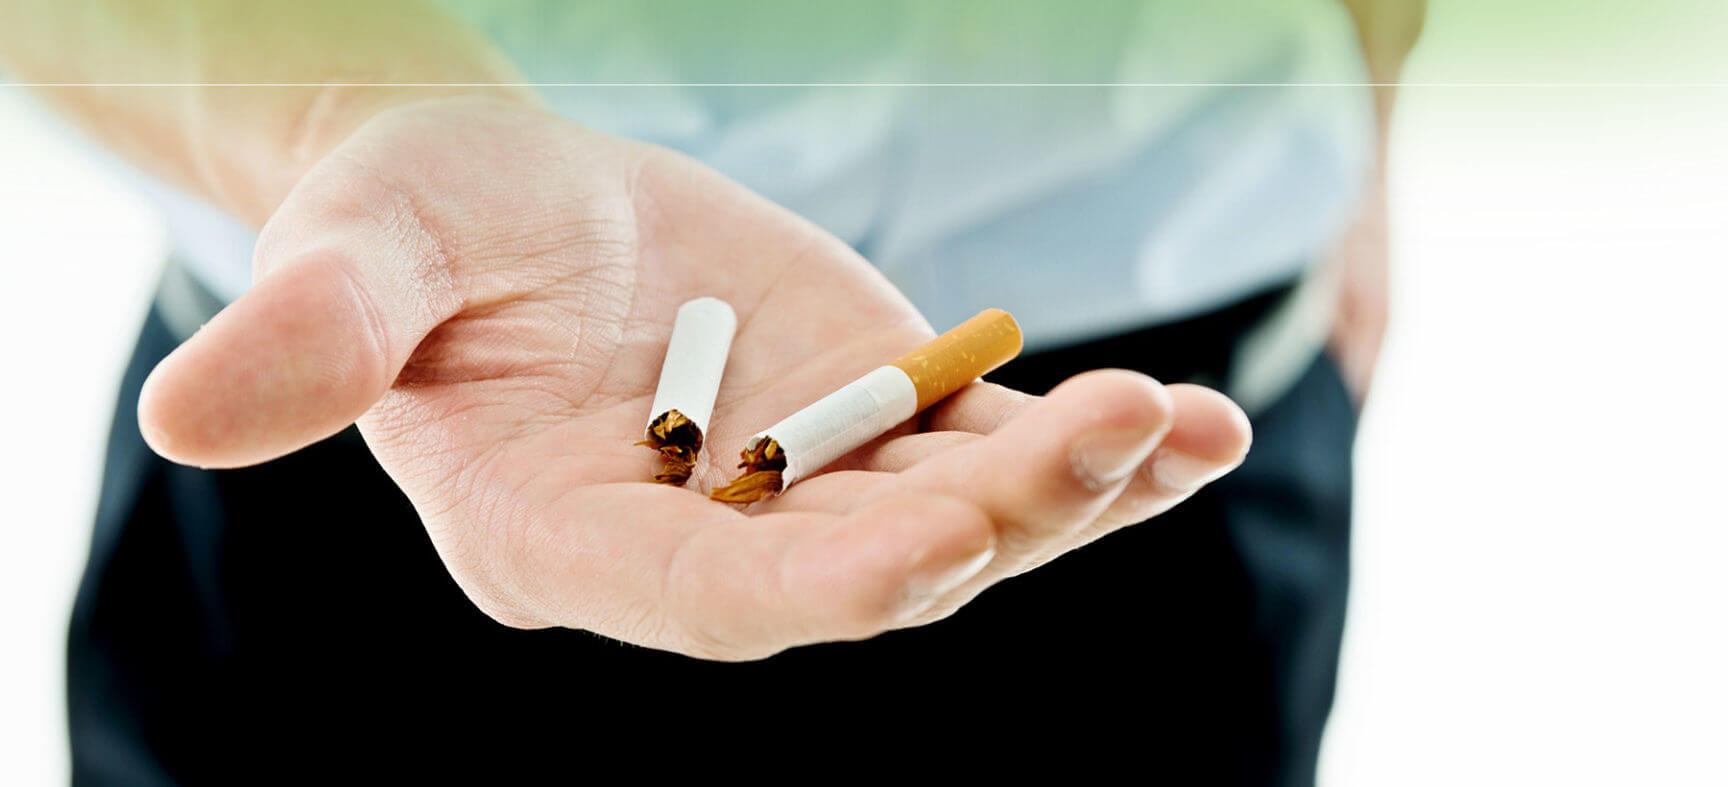 Урок некурения: как бросить курить